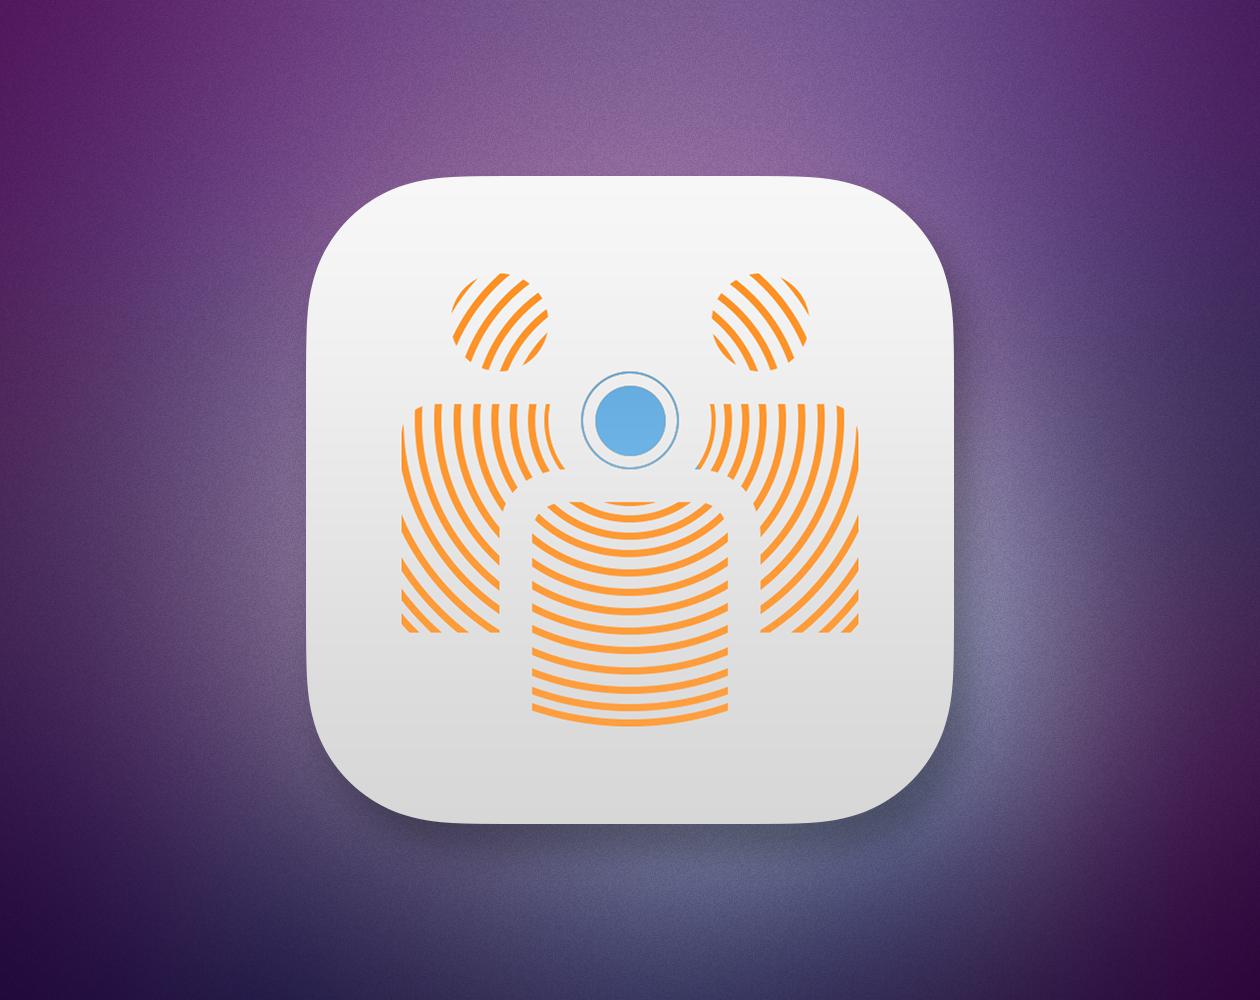 BeHere для iOS позволяет отмечаться на учебных занятиях при помощи iBeacon